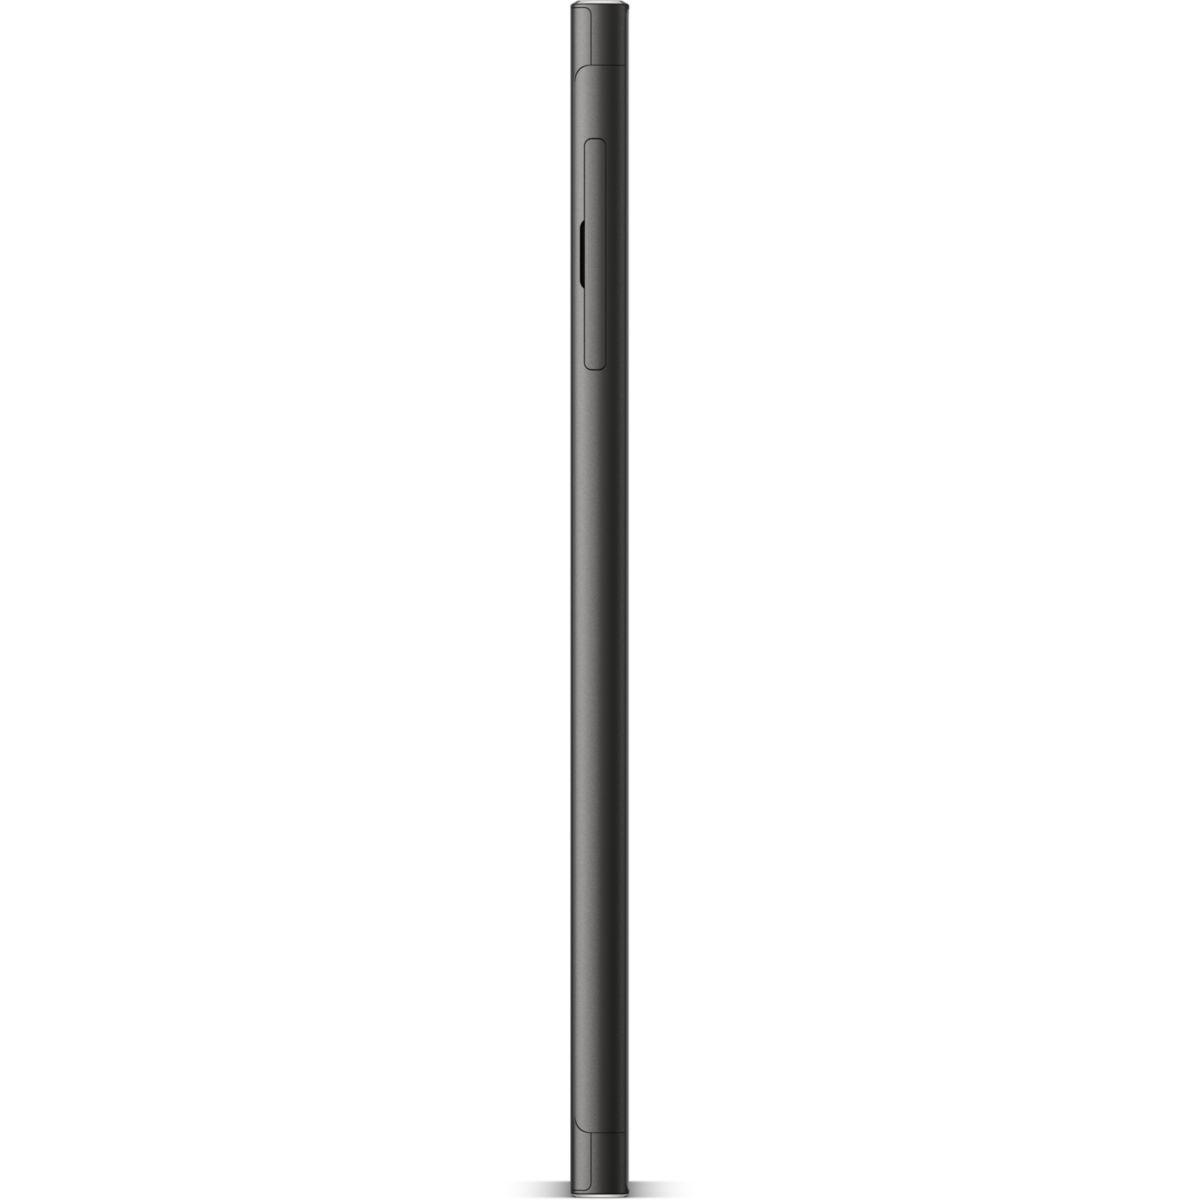 Sony Xperia XA1 Ultra